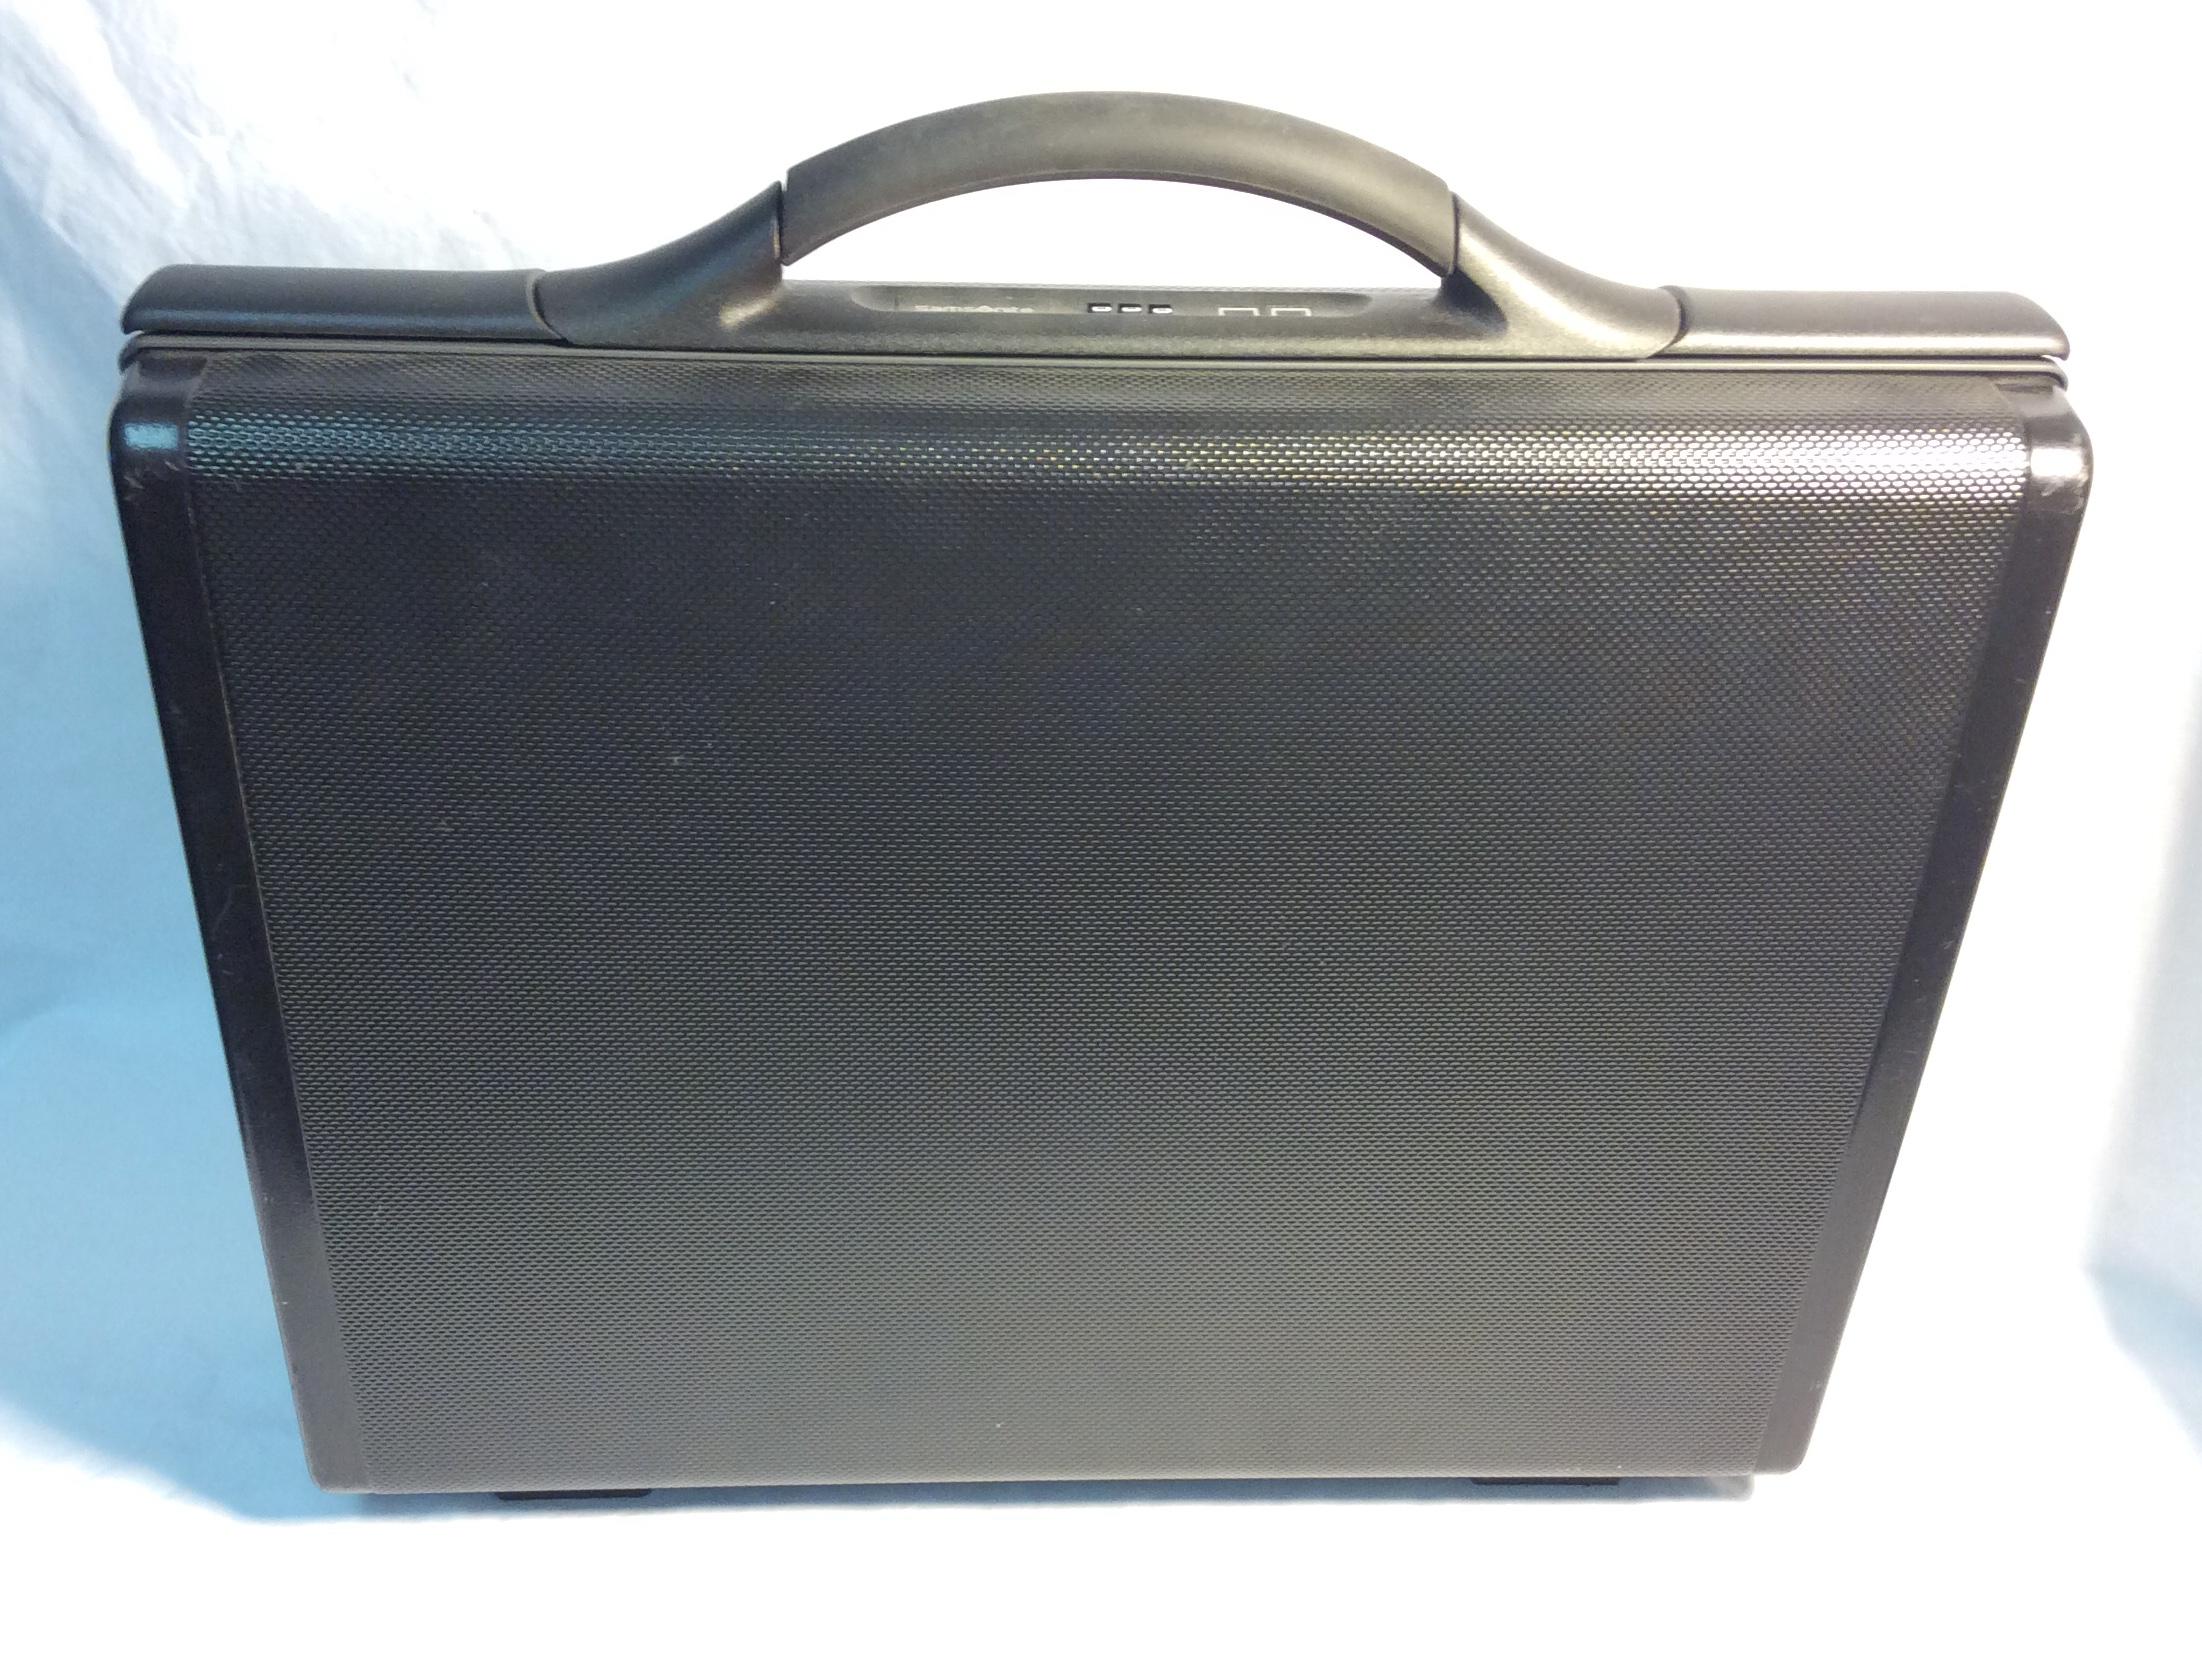 Samsonite textured black plastic briefcase